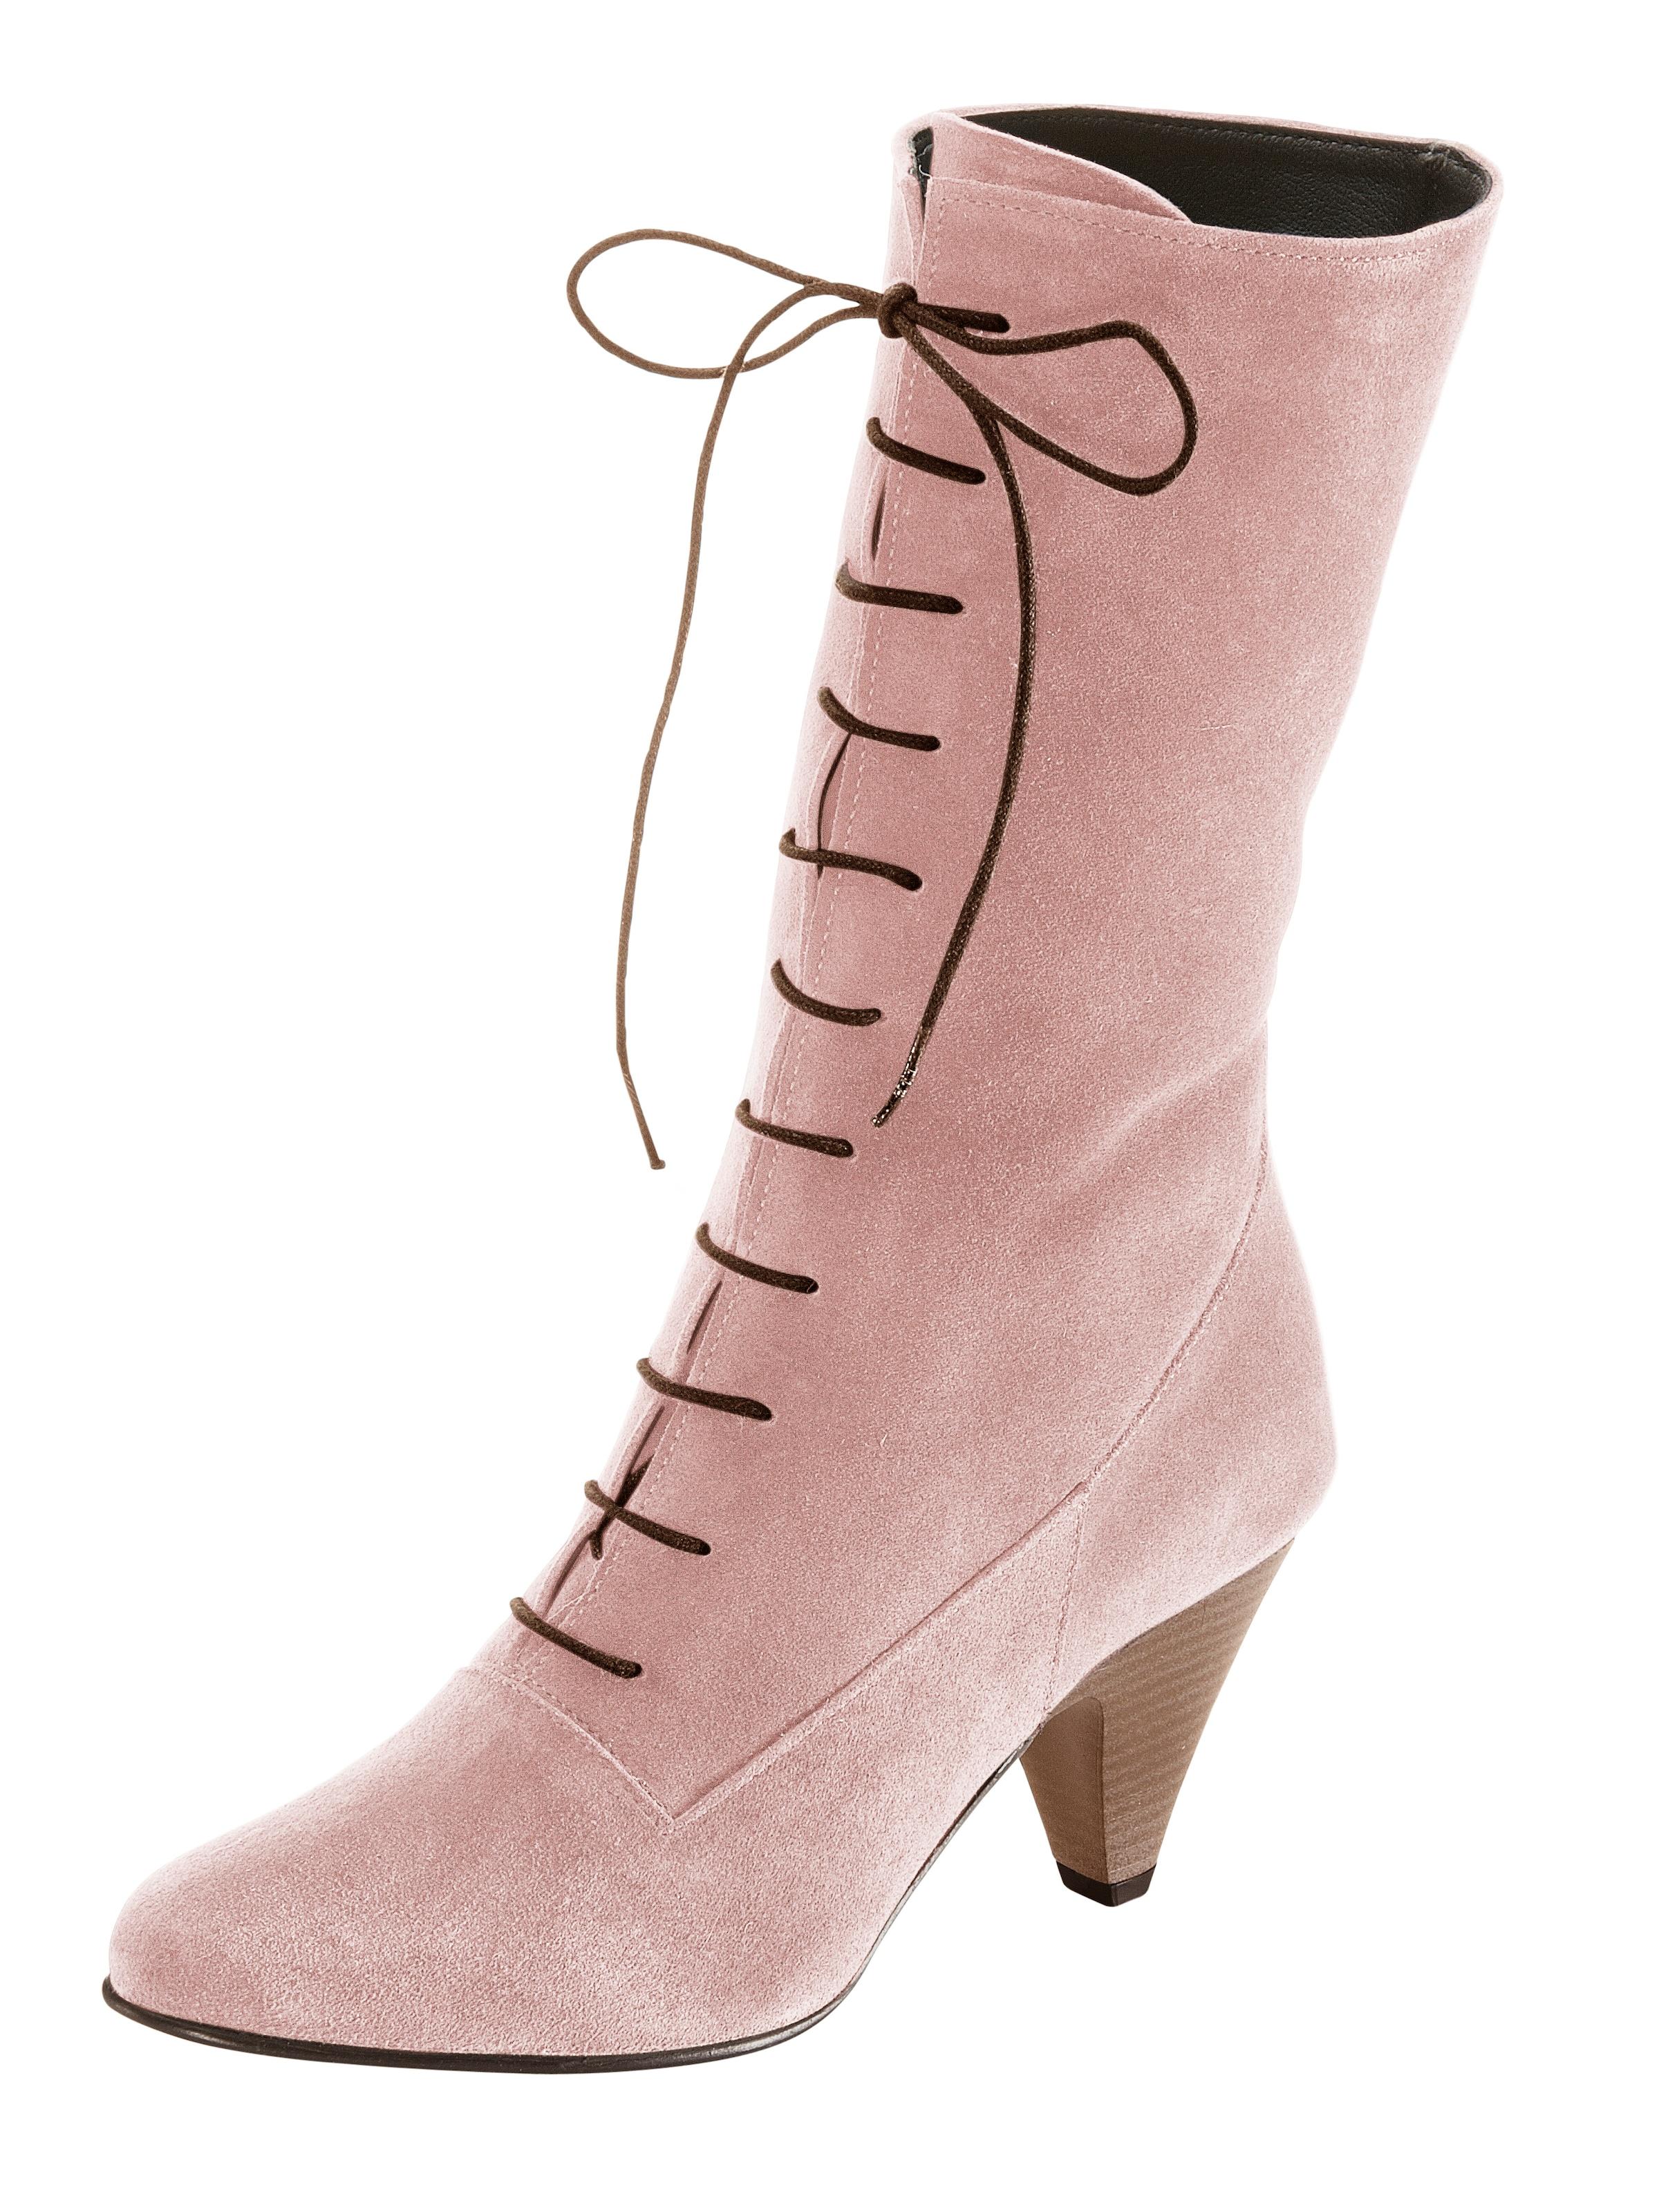 heine Schnürstiefel Verschleißfeste billige Schuhe Hohe Qualität